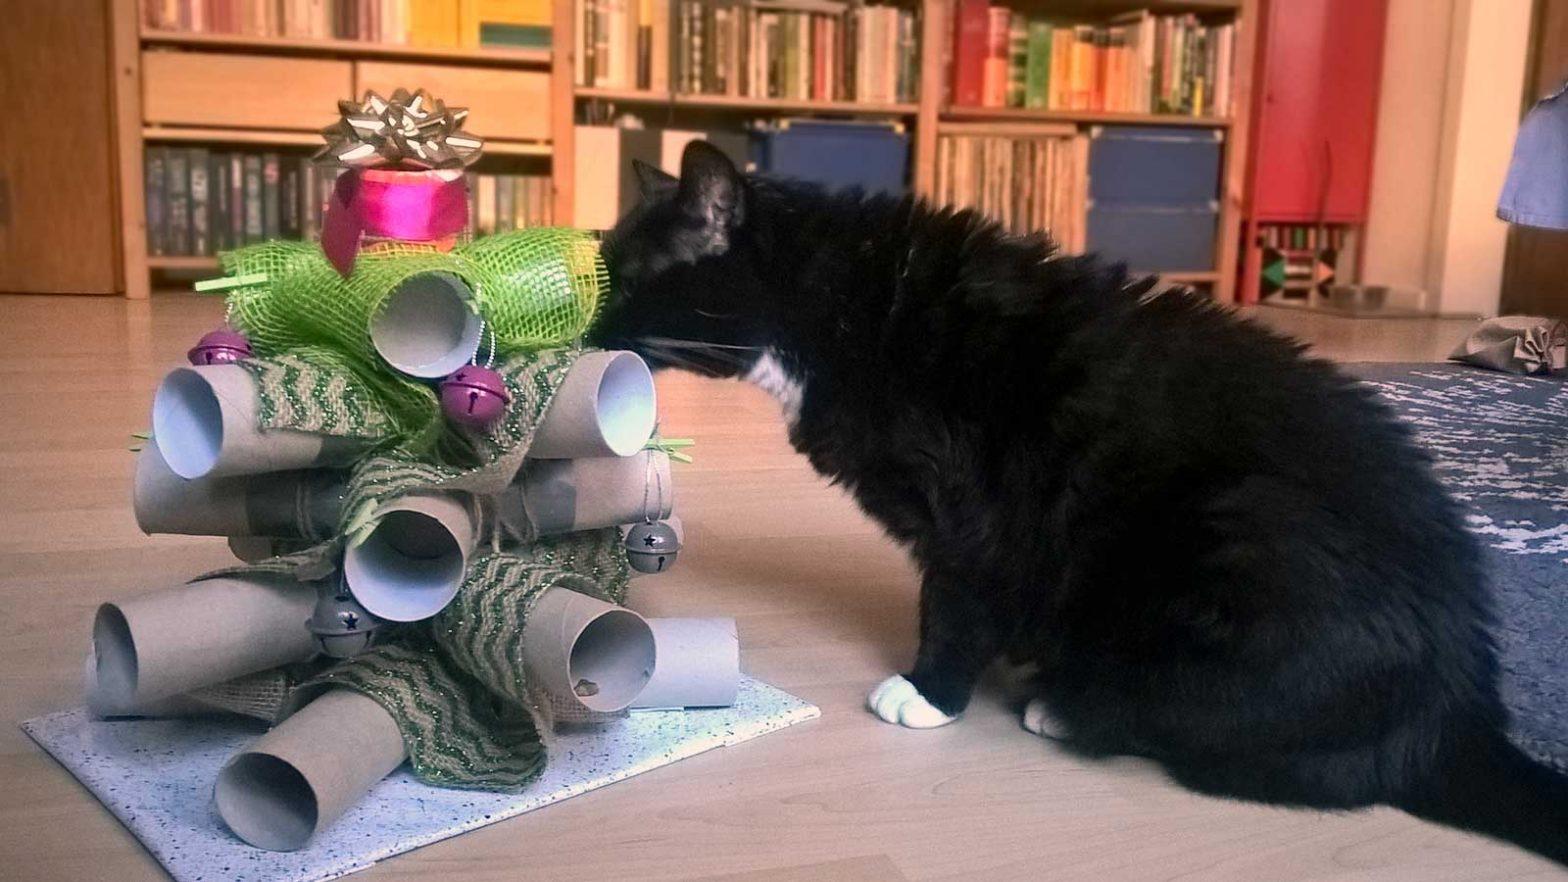 Luzis Weihnachtsbaum für Katzen